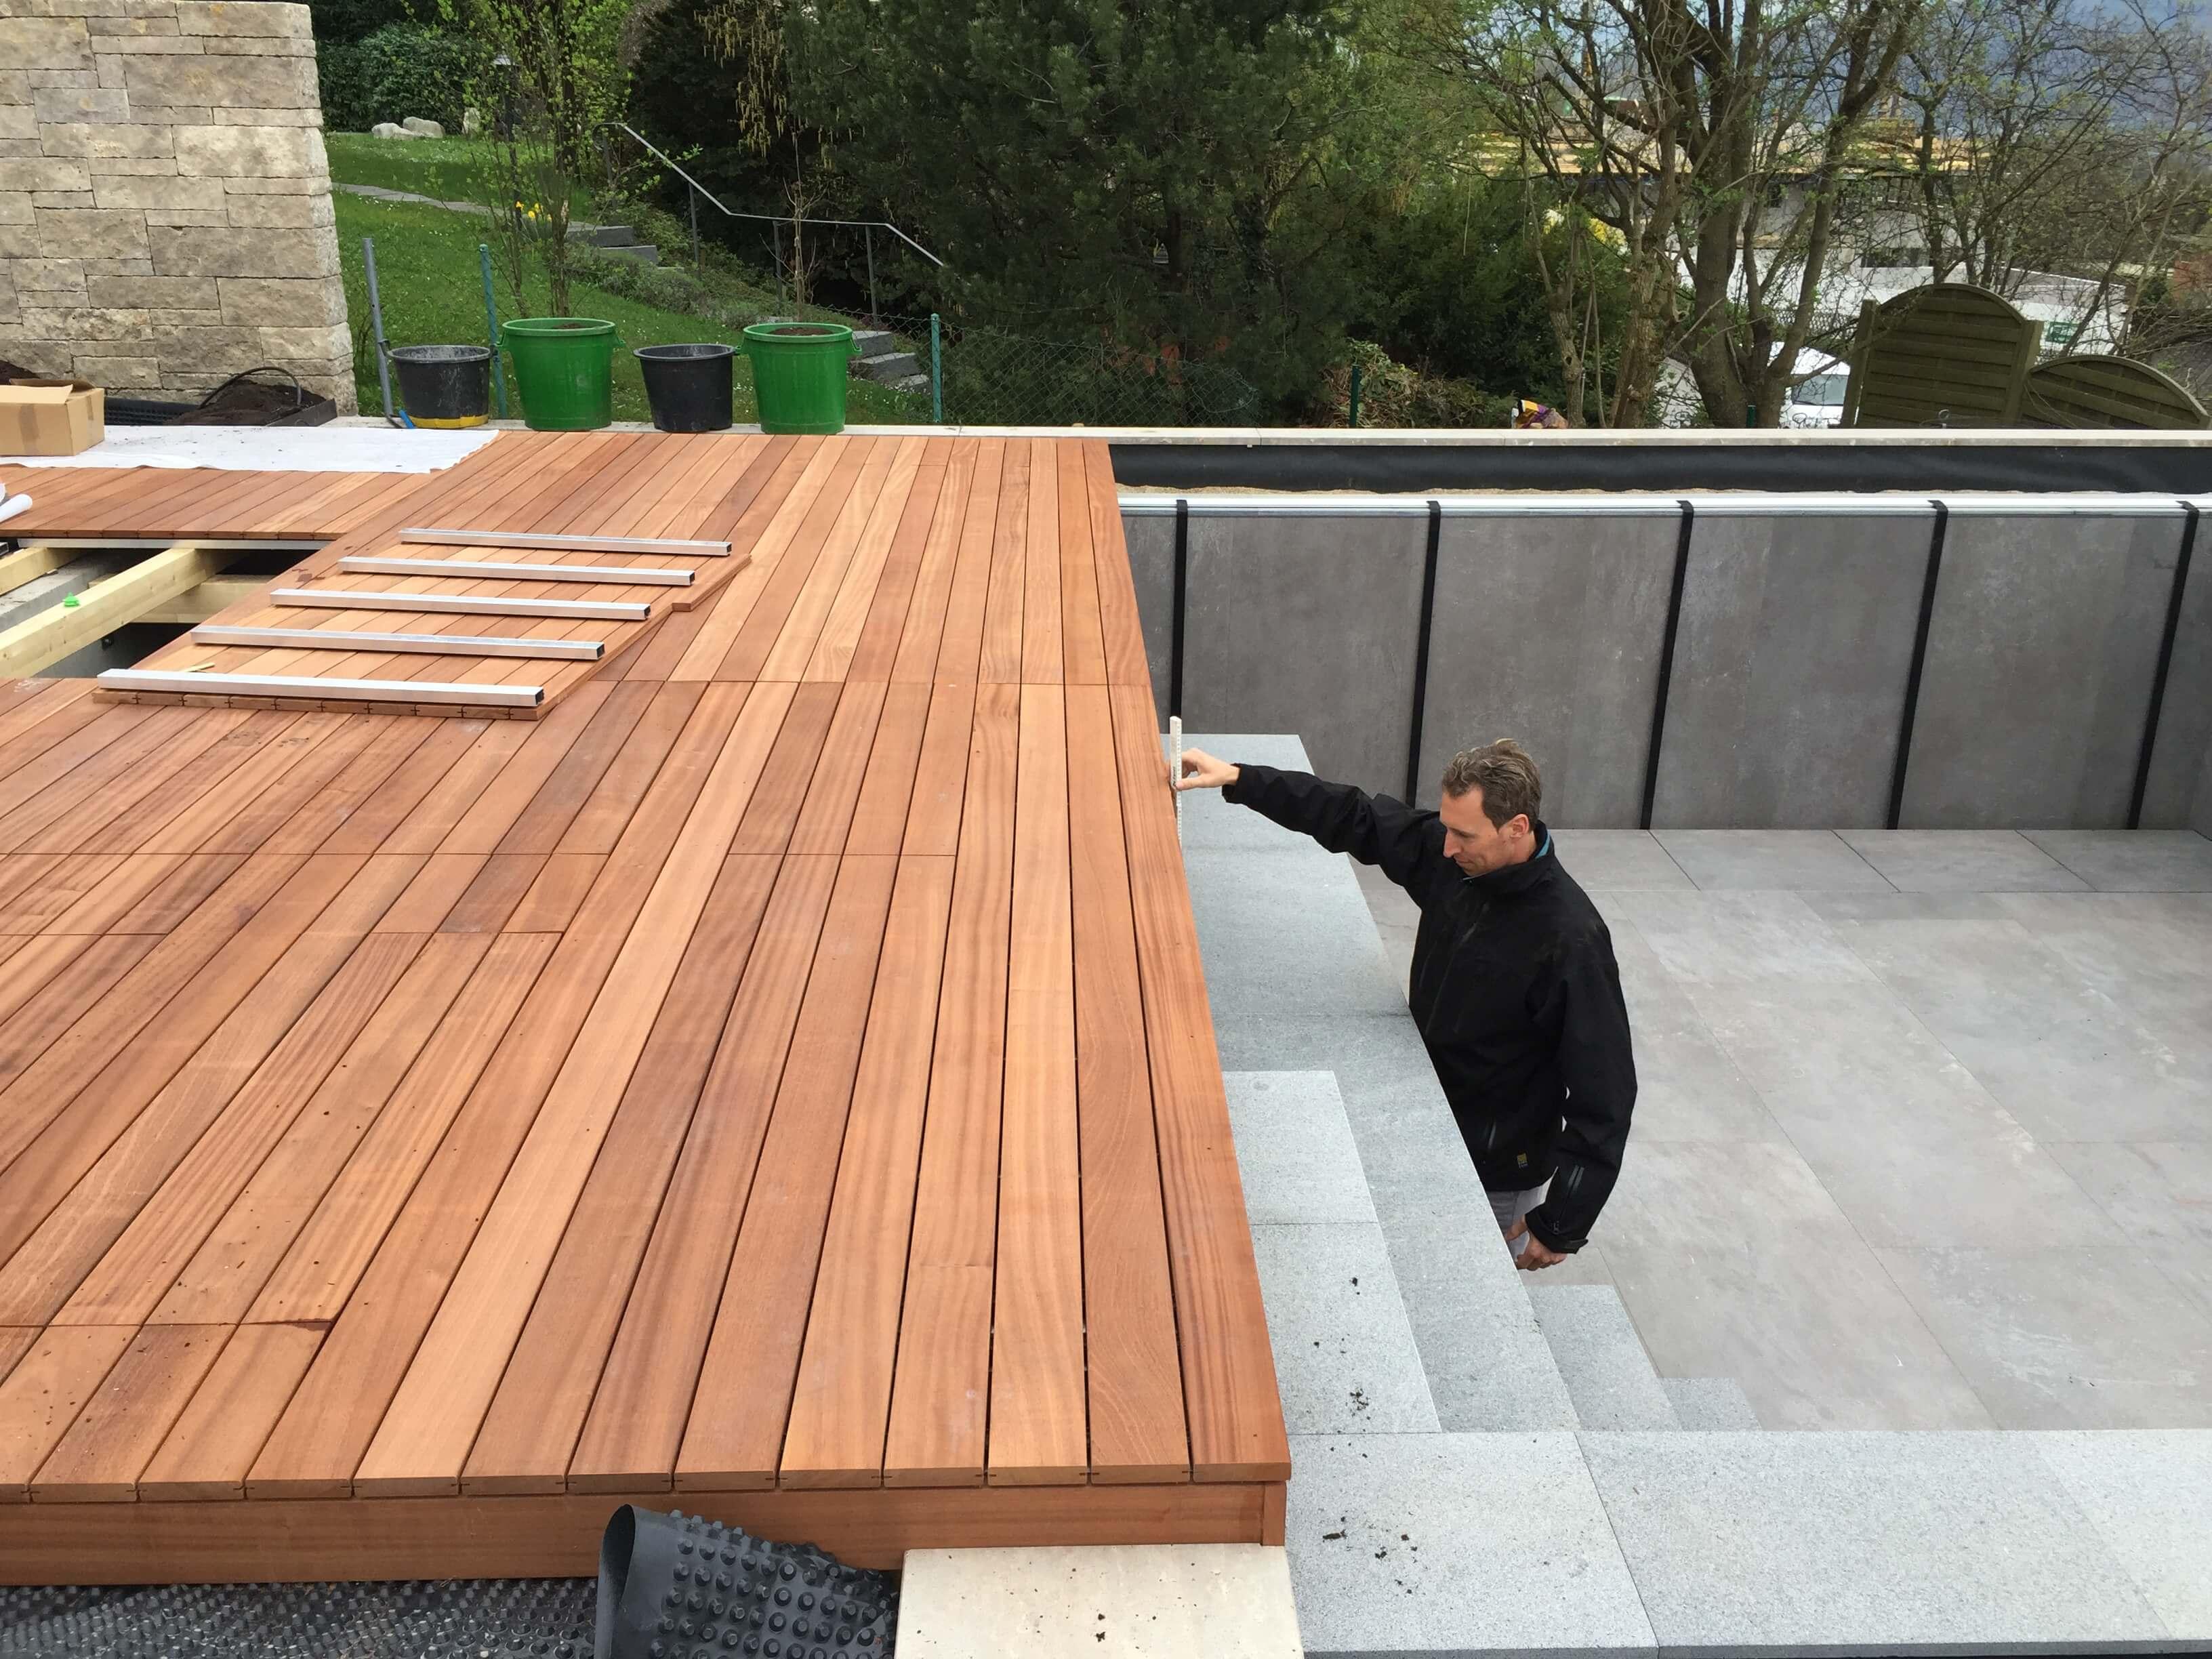 gestaltung mit wasser - parc's gartengestaltung rapperswil - Gartengestaltung Wasser